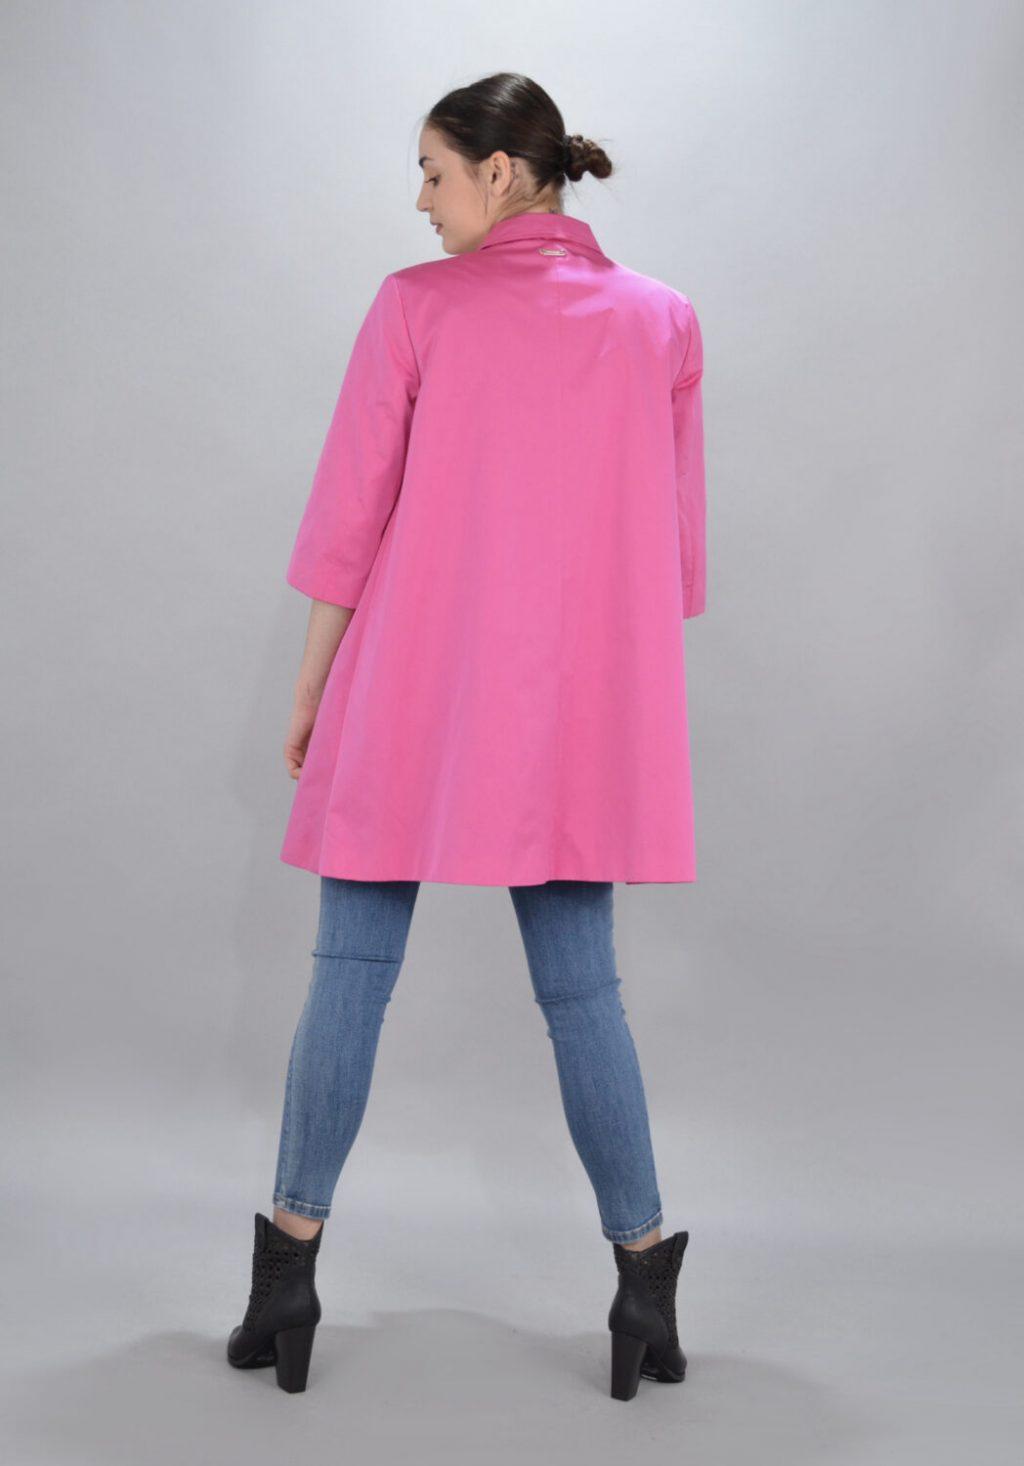 Γυναικεία Ρούχα TWIN-SET ΚΑΠΑΡΝΤΙΝΑ FUCHSIA